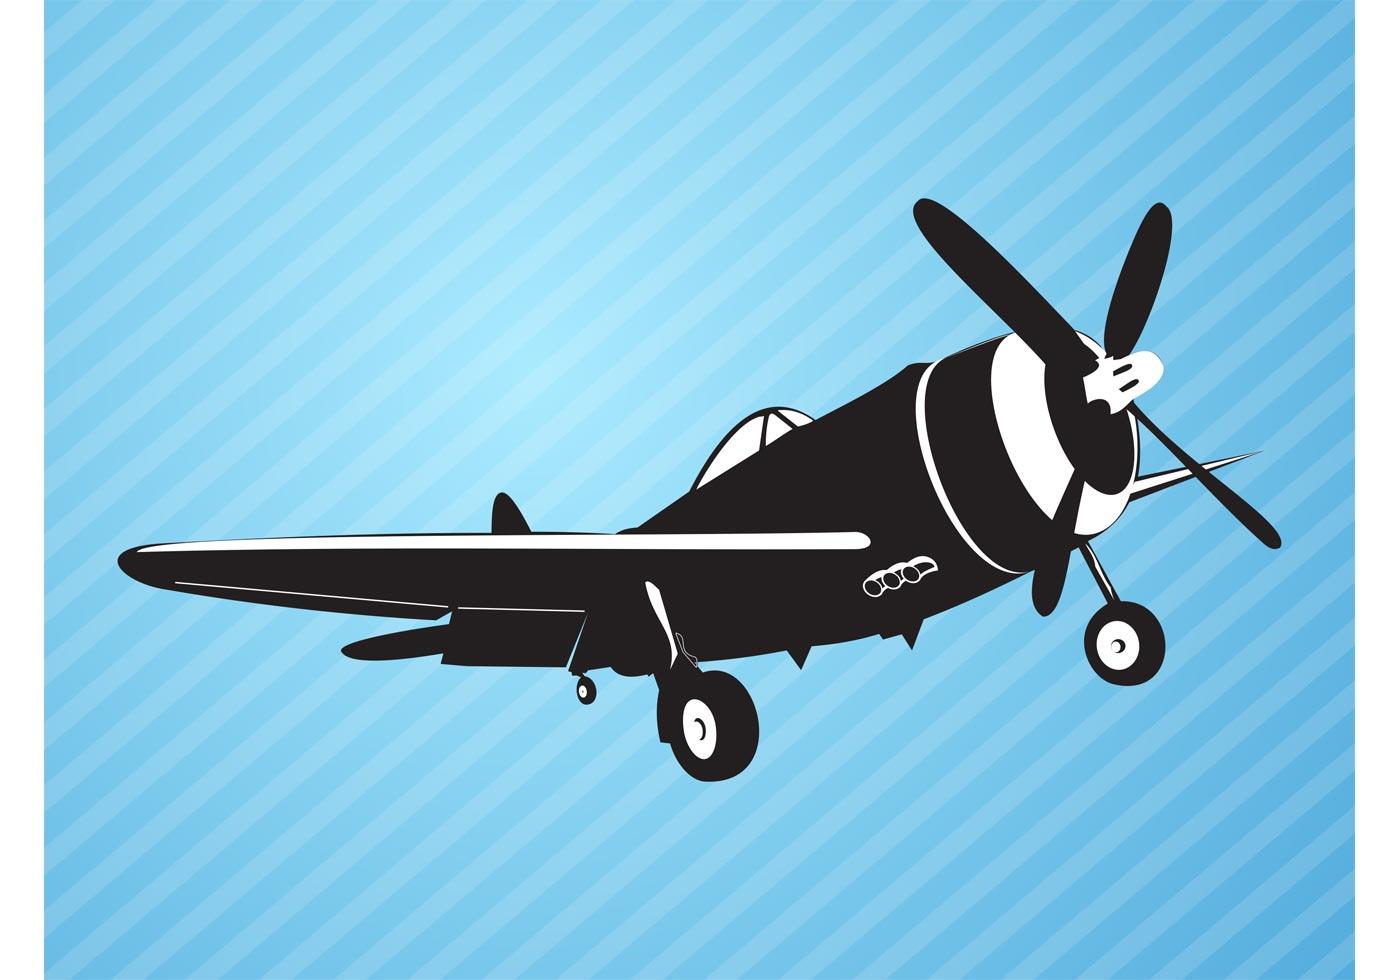 Plane Vector Download Free Vector Art Stock Graphics